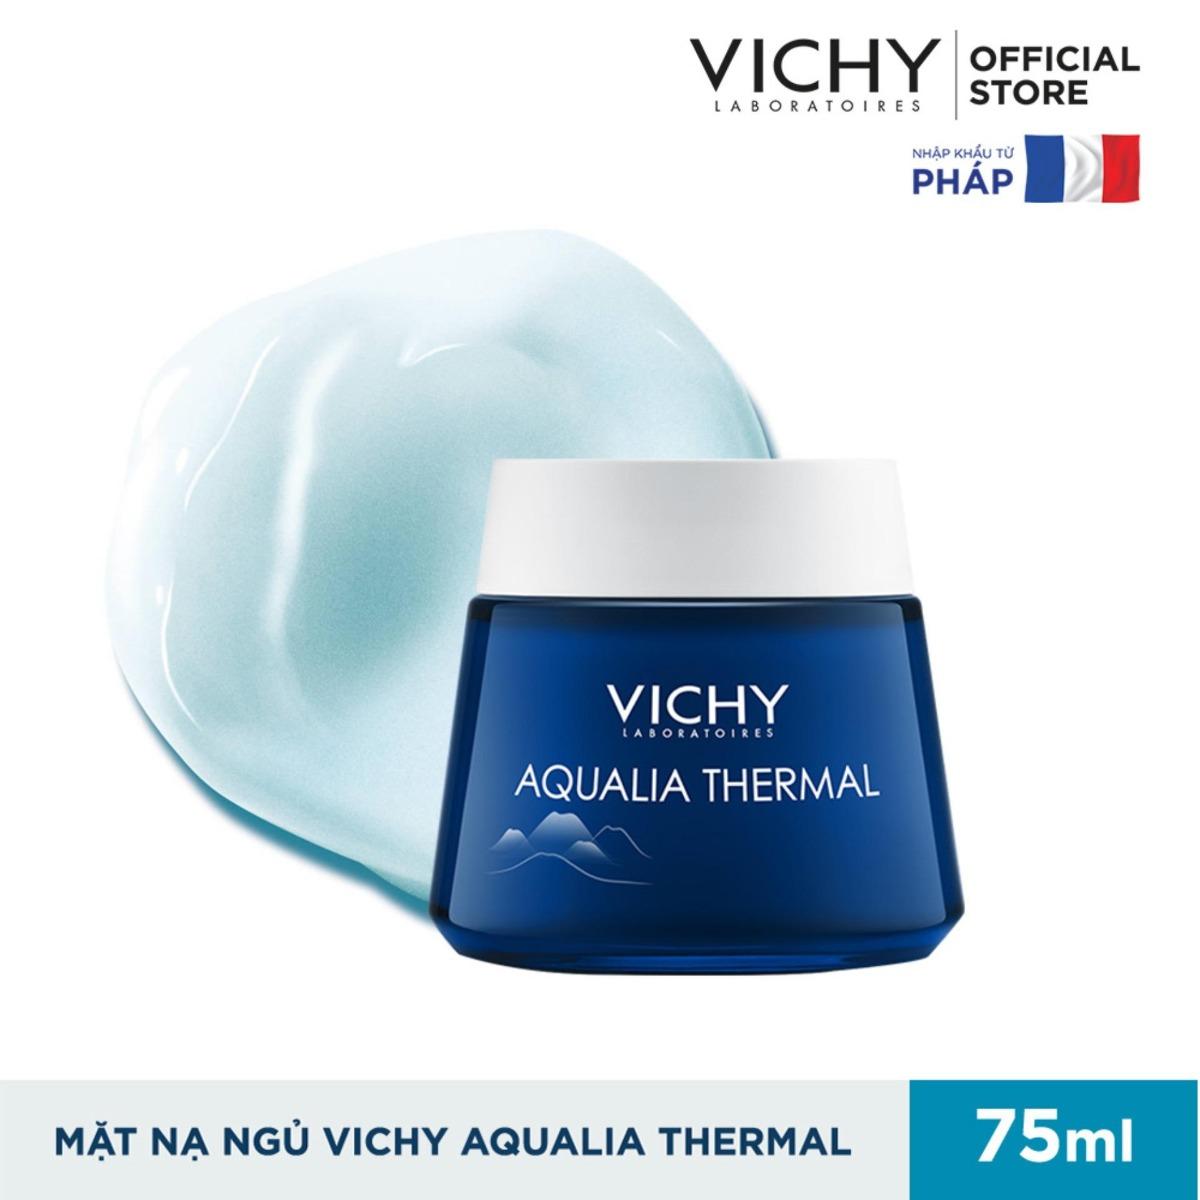 Mặt Nạ Ngủ Dưỡng Ẩm Giúp Làm Sáng Da Vichy Aqualia Thermal Night Spa